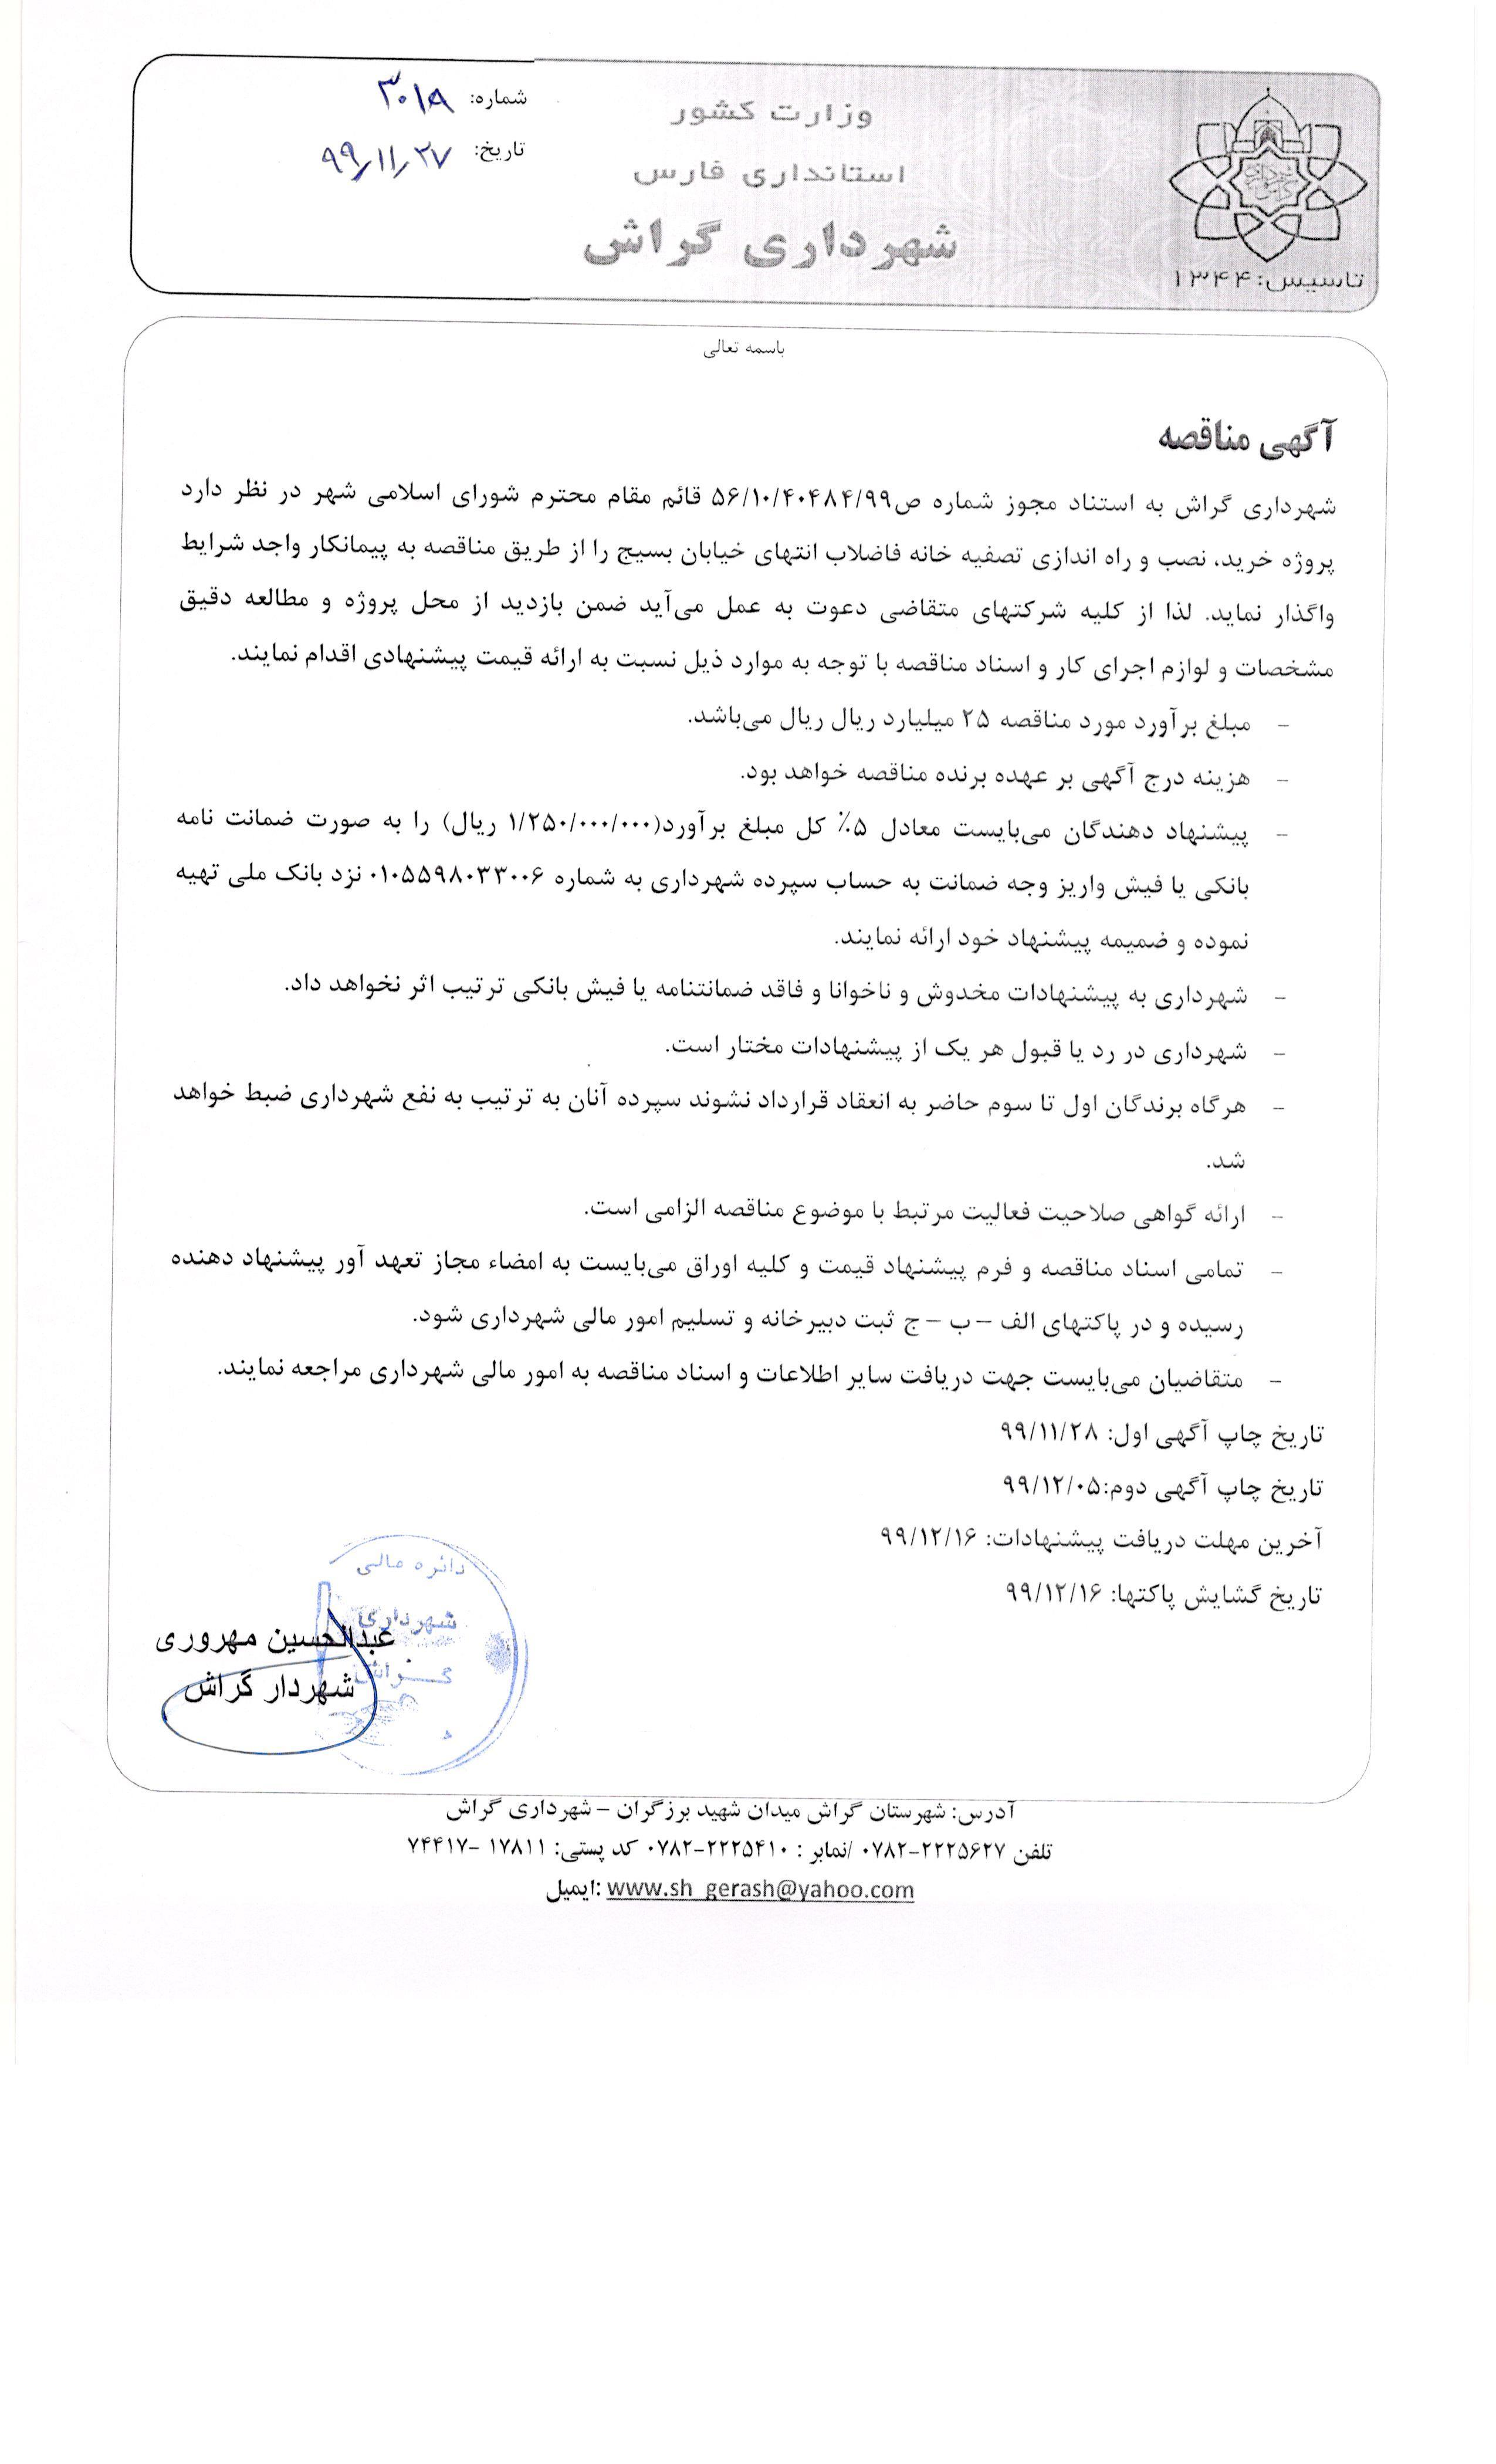 آگهی مناقصه نصب و راه اندازی تصفیه خانه فاضلاب – شهرداری گراش